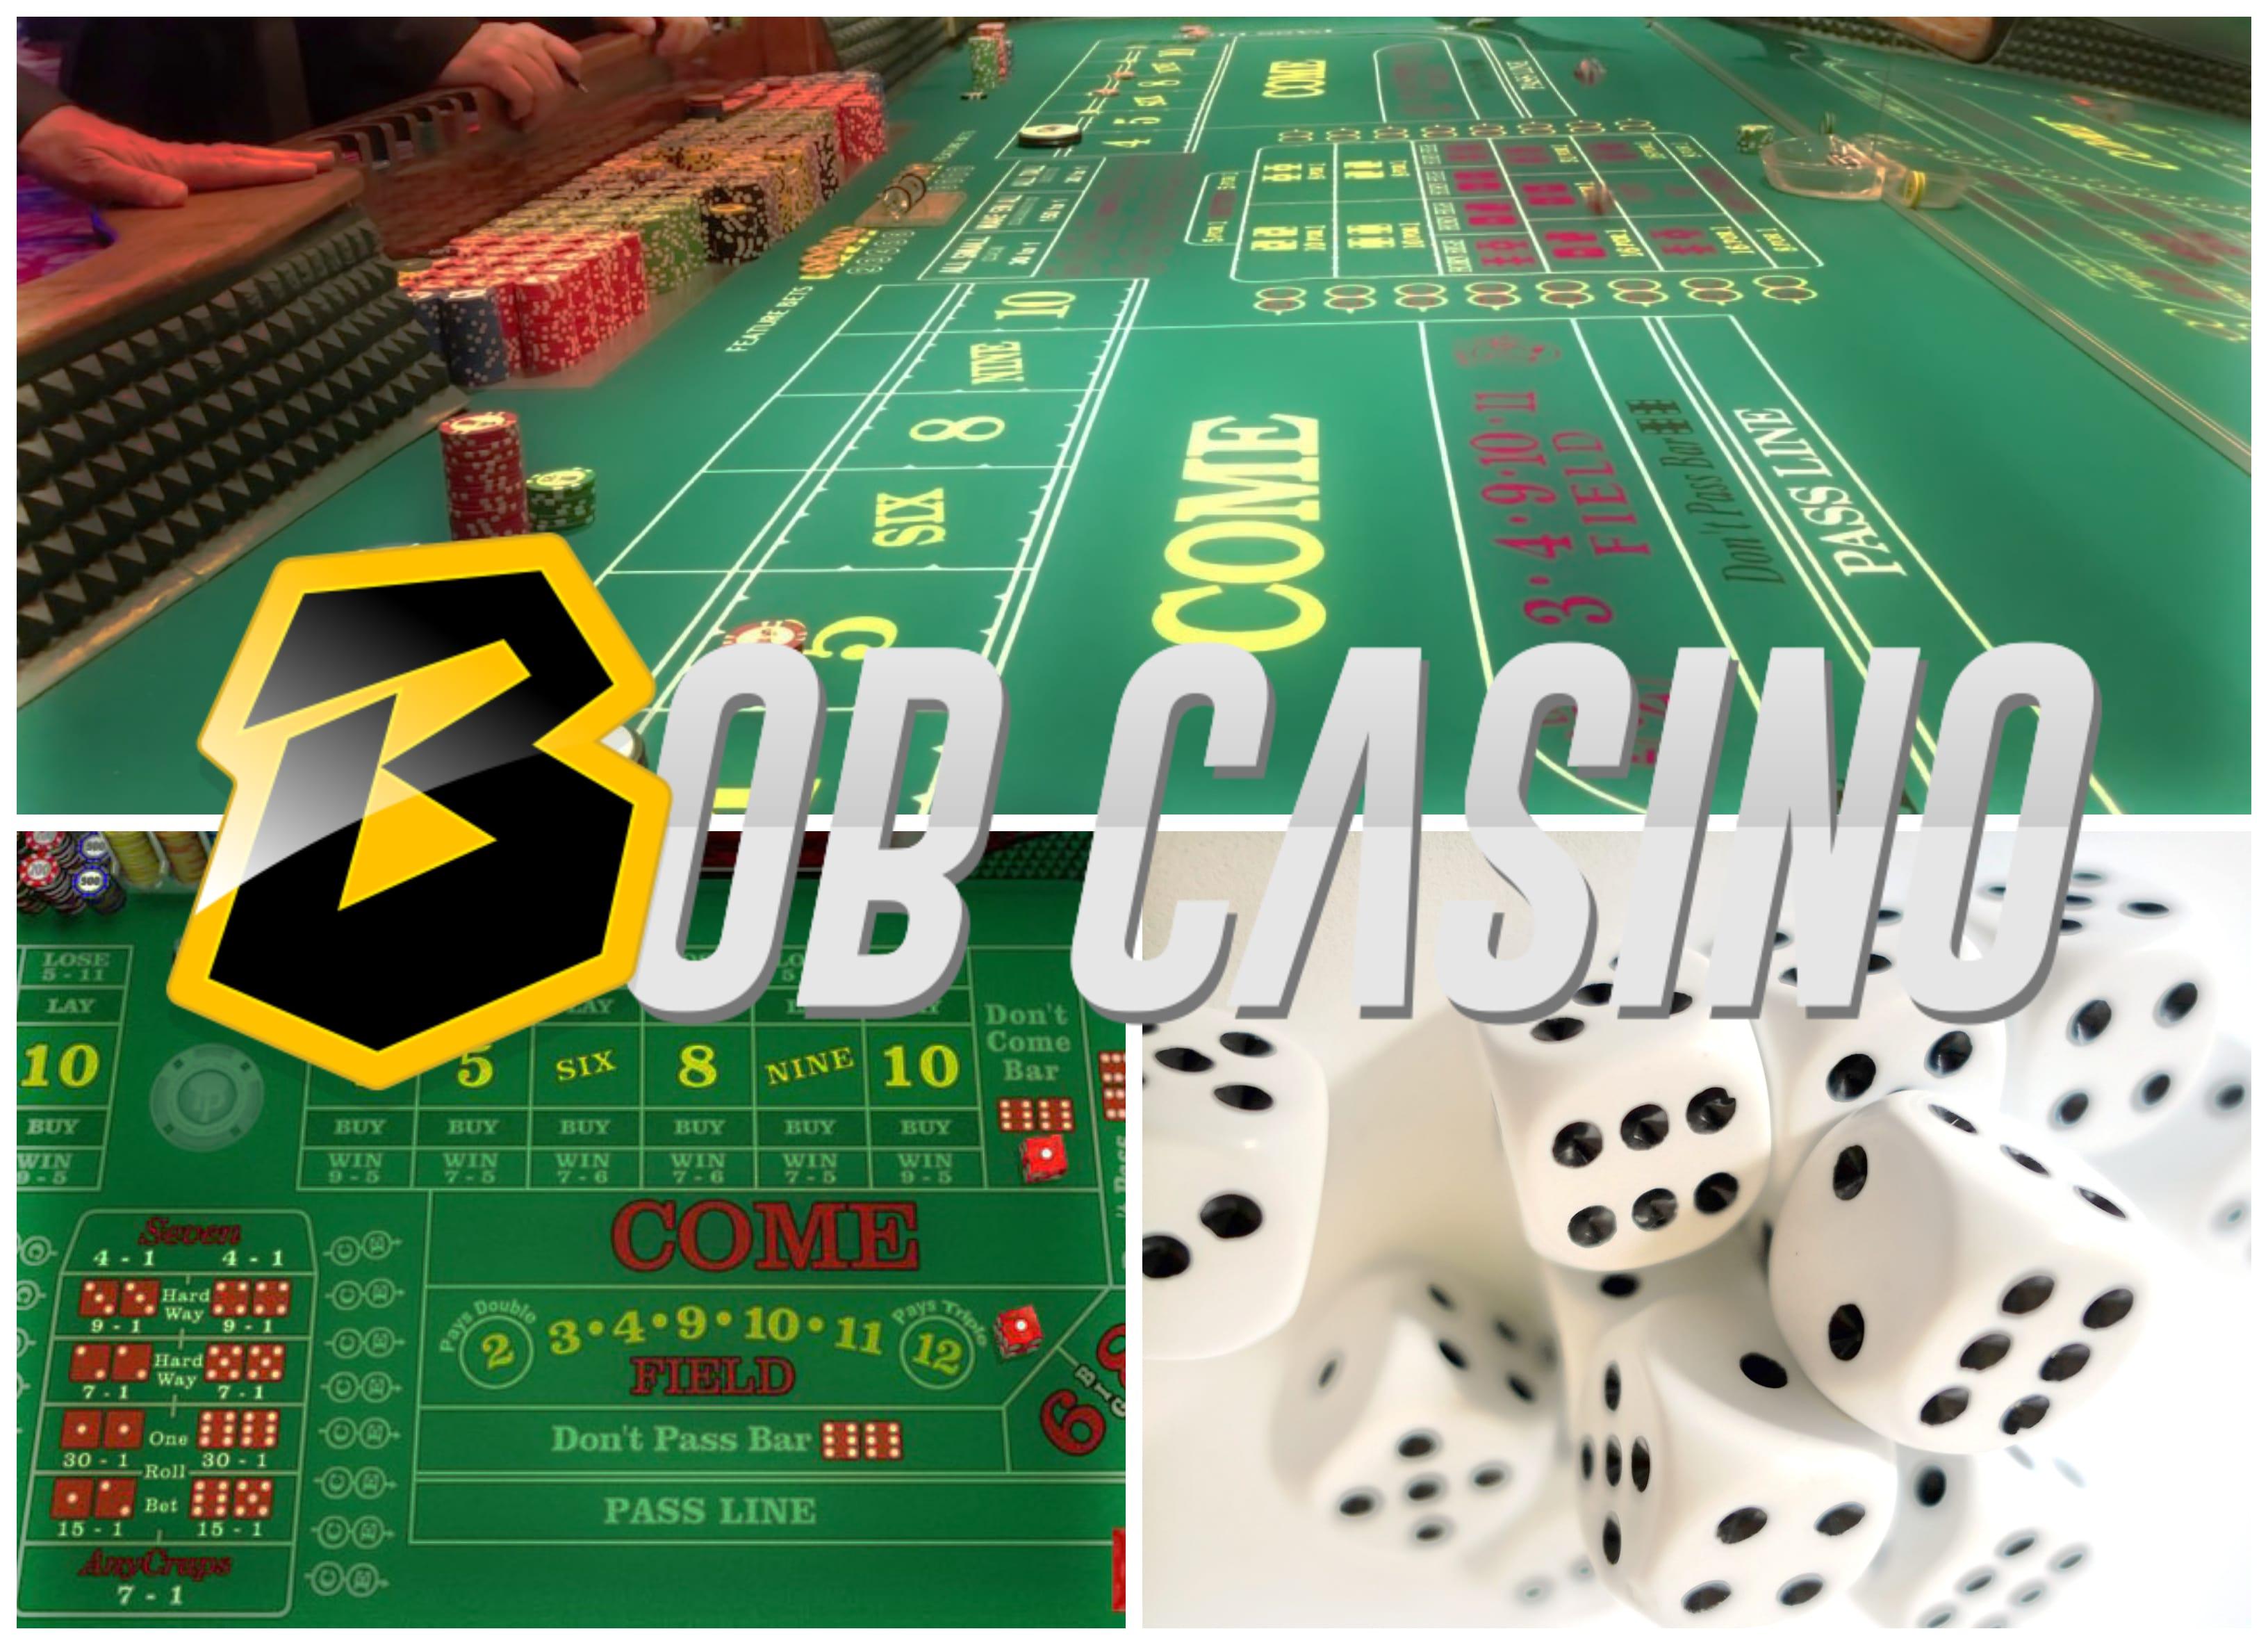 The walking dead slot machine online